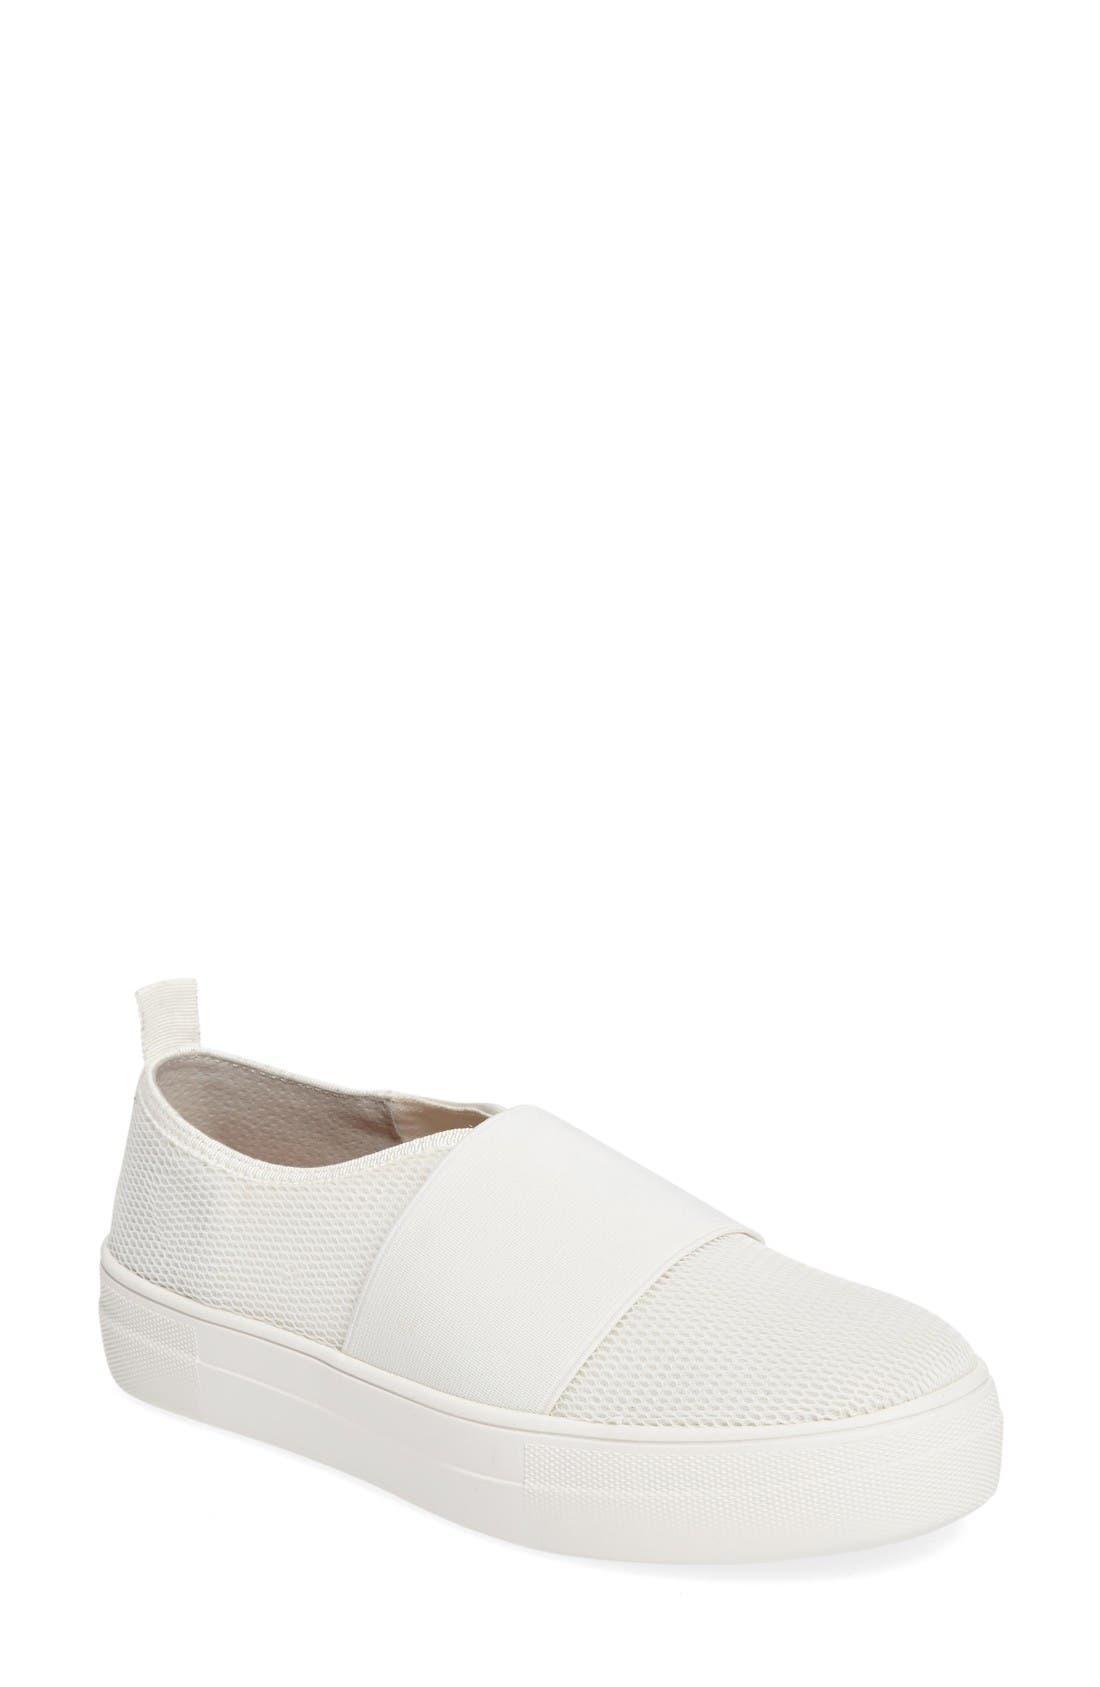 Glenn Slip-On Platform Sneaker,                         Main,                         color, White